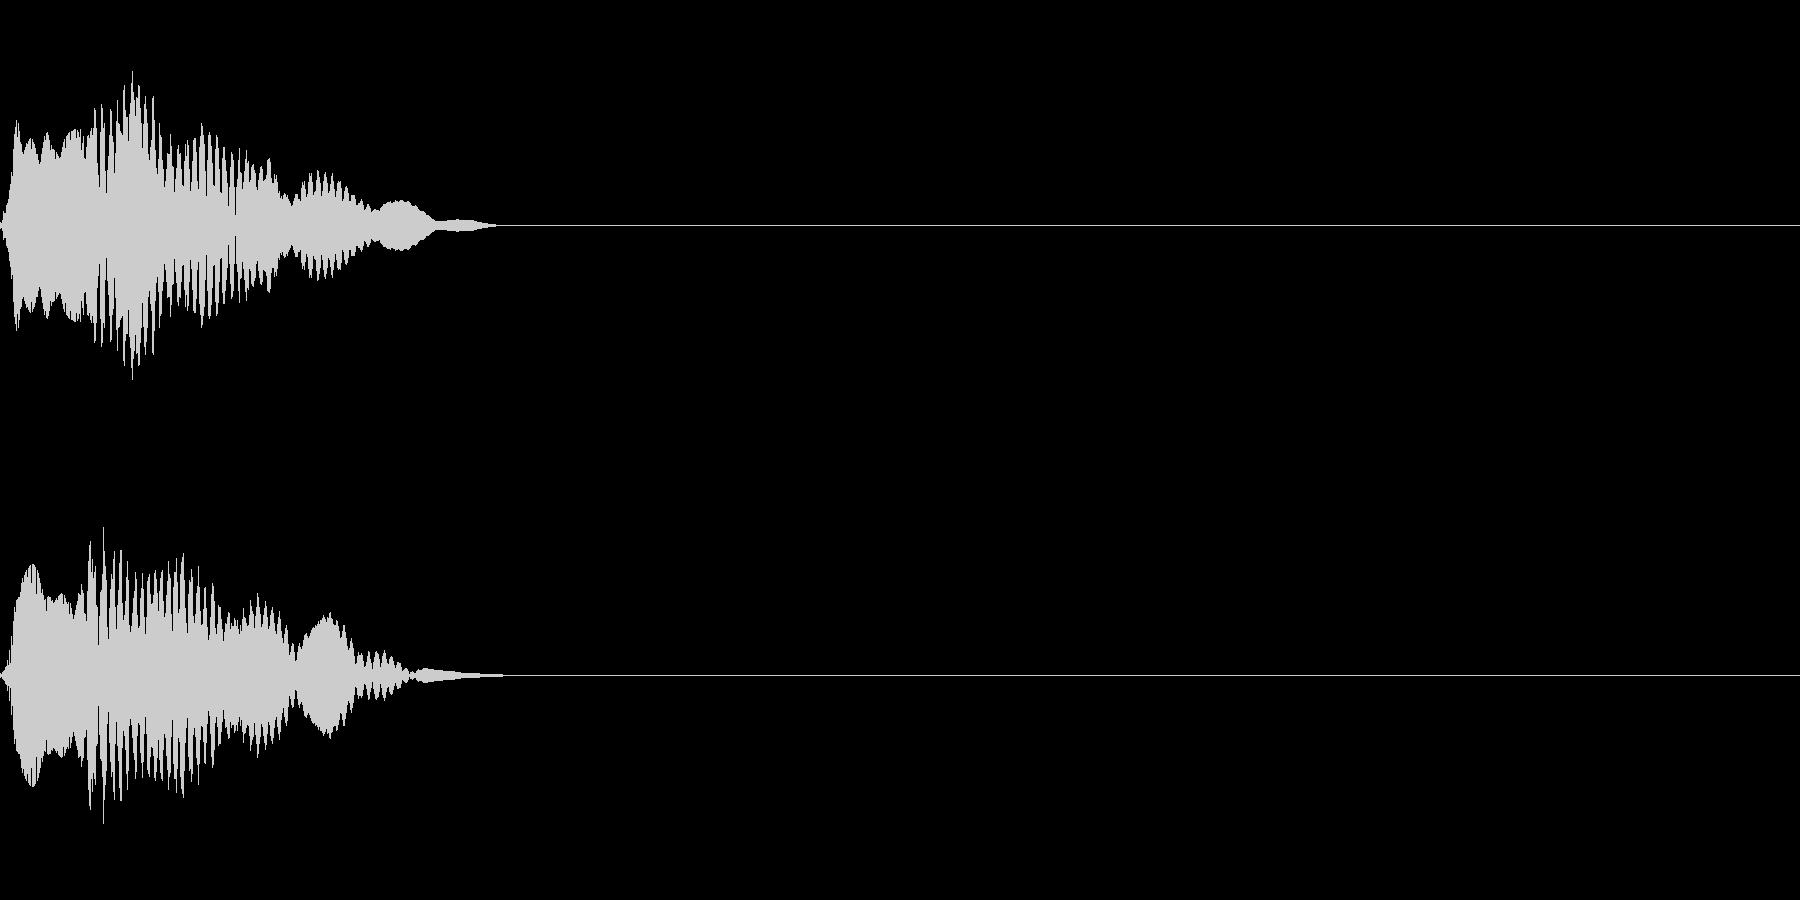 ピロン ゲーム/アプリ/起動音/スタートの未再生の波形